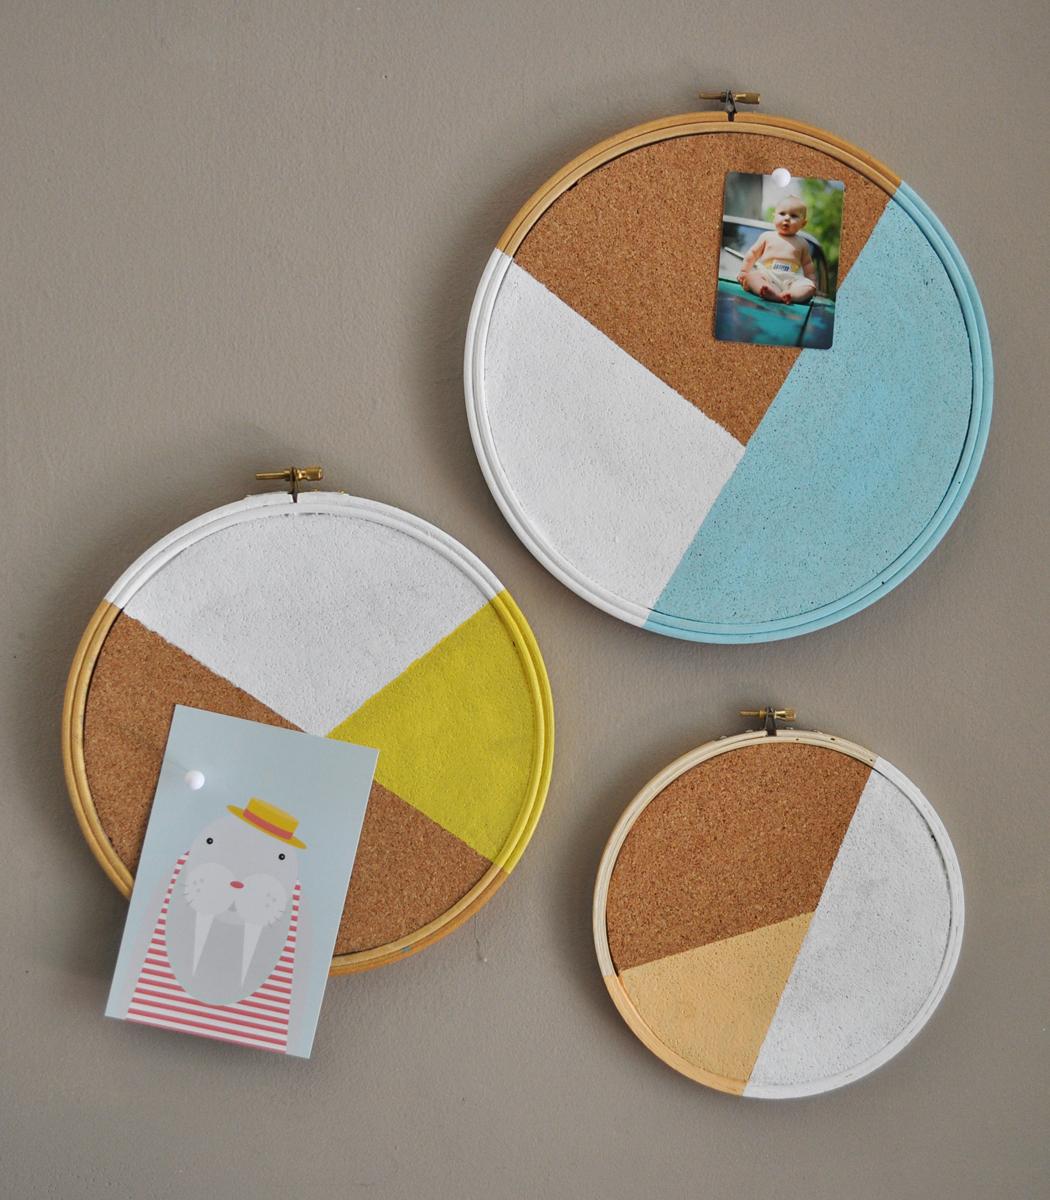 El blog de Dmc: Ideas de decoración con bastidores de bordado 3a parte